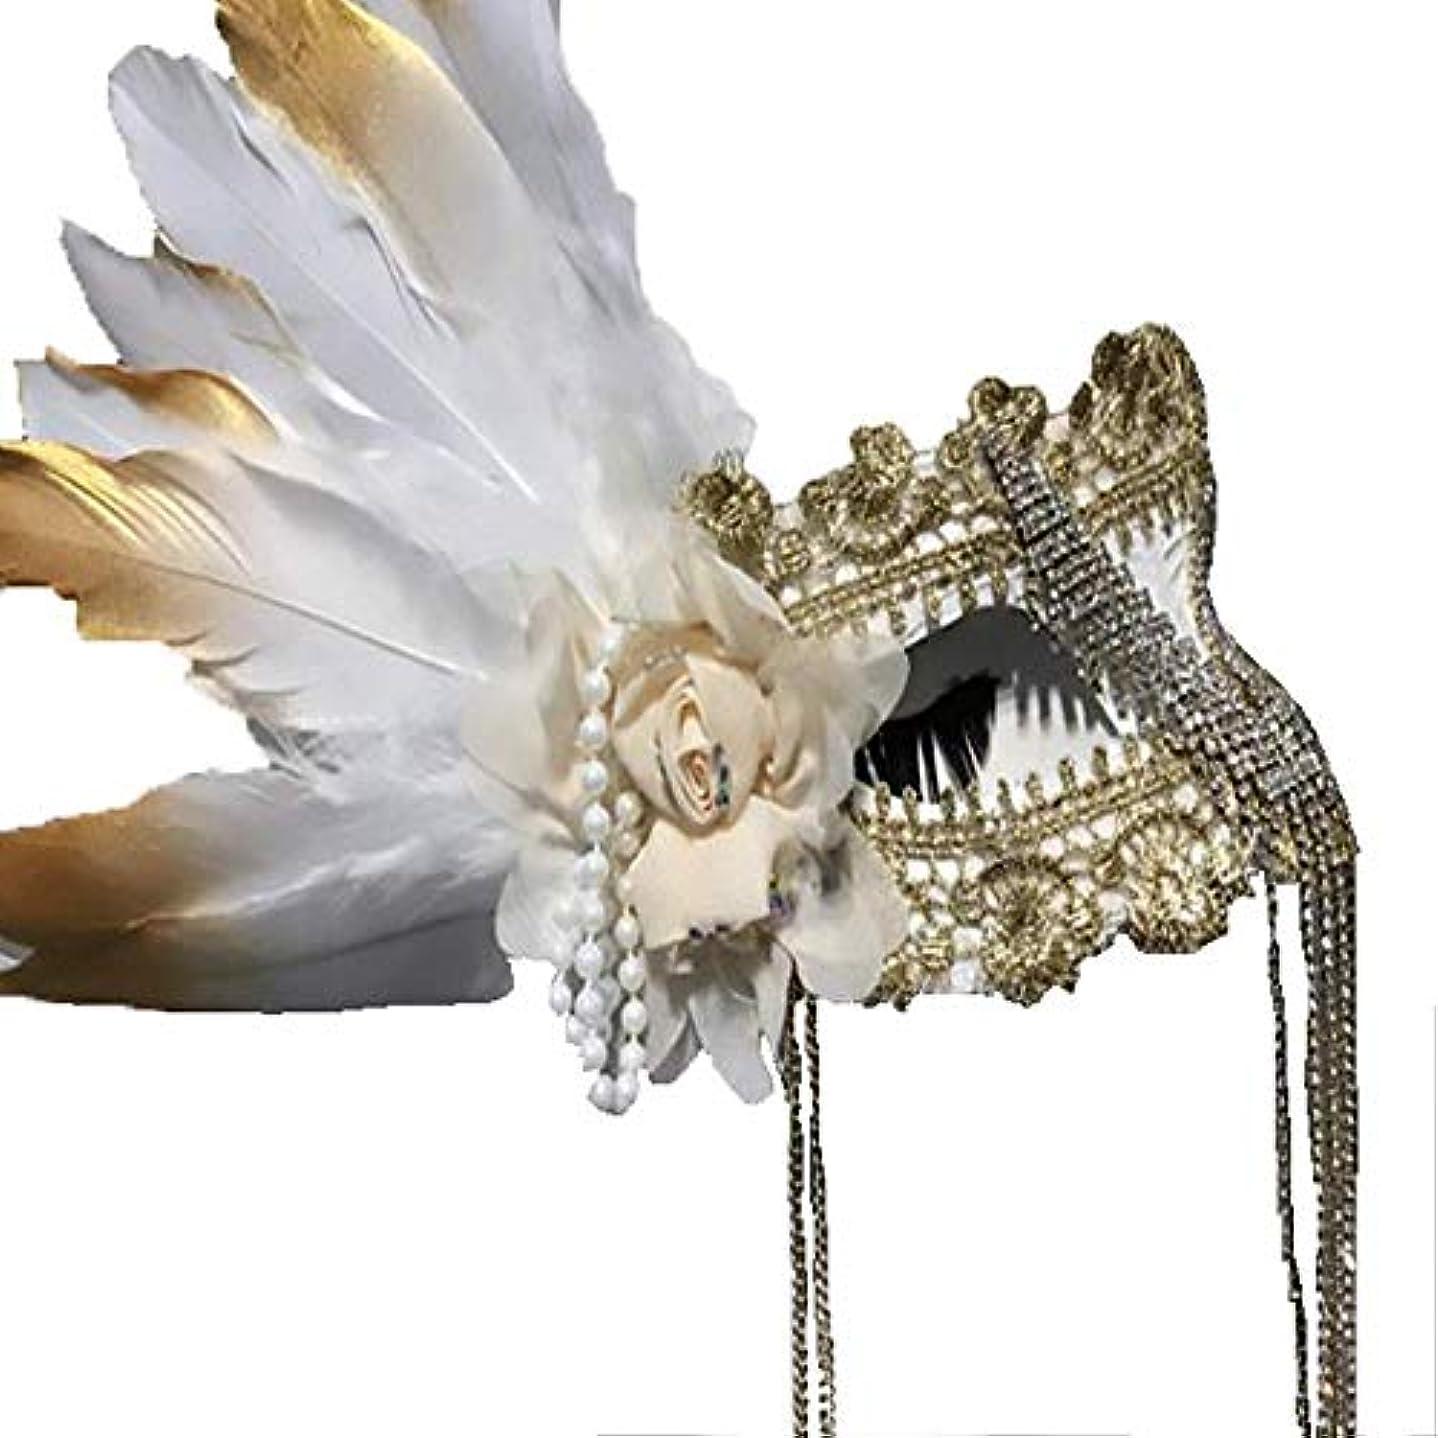 ヒューバートハドソン比較的高原Nanle ハロウィーンのラインストーンフリンジフェザー刺繍花マスク仮装マスクレディミスプリンセス美容祭パーティーデコレーションマスク